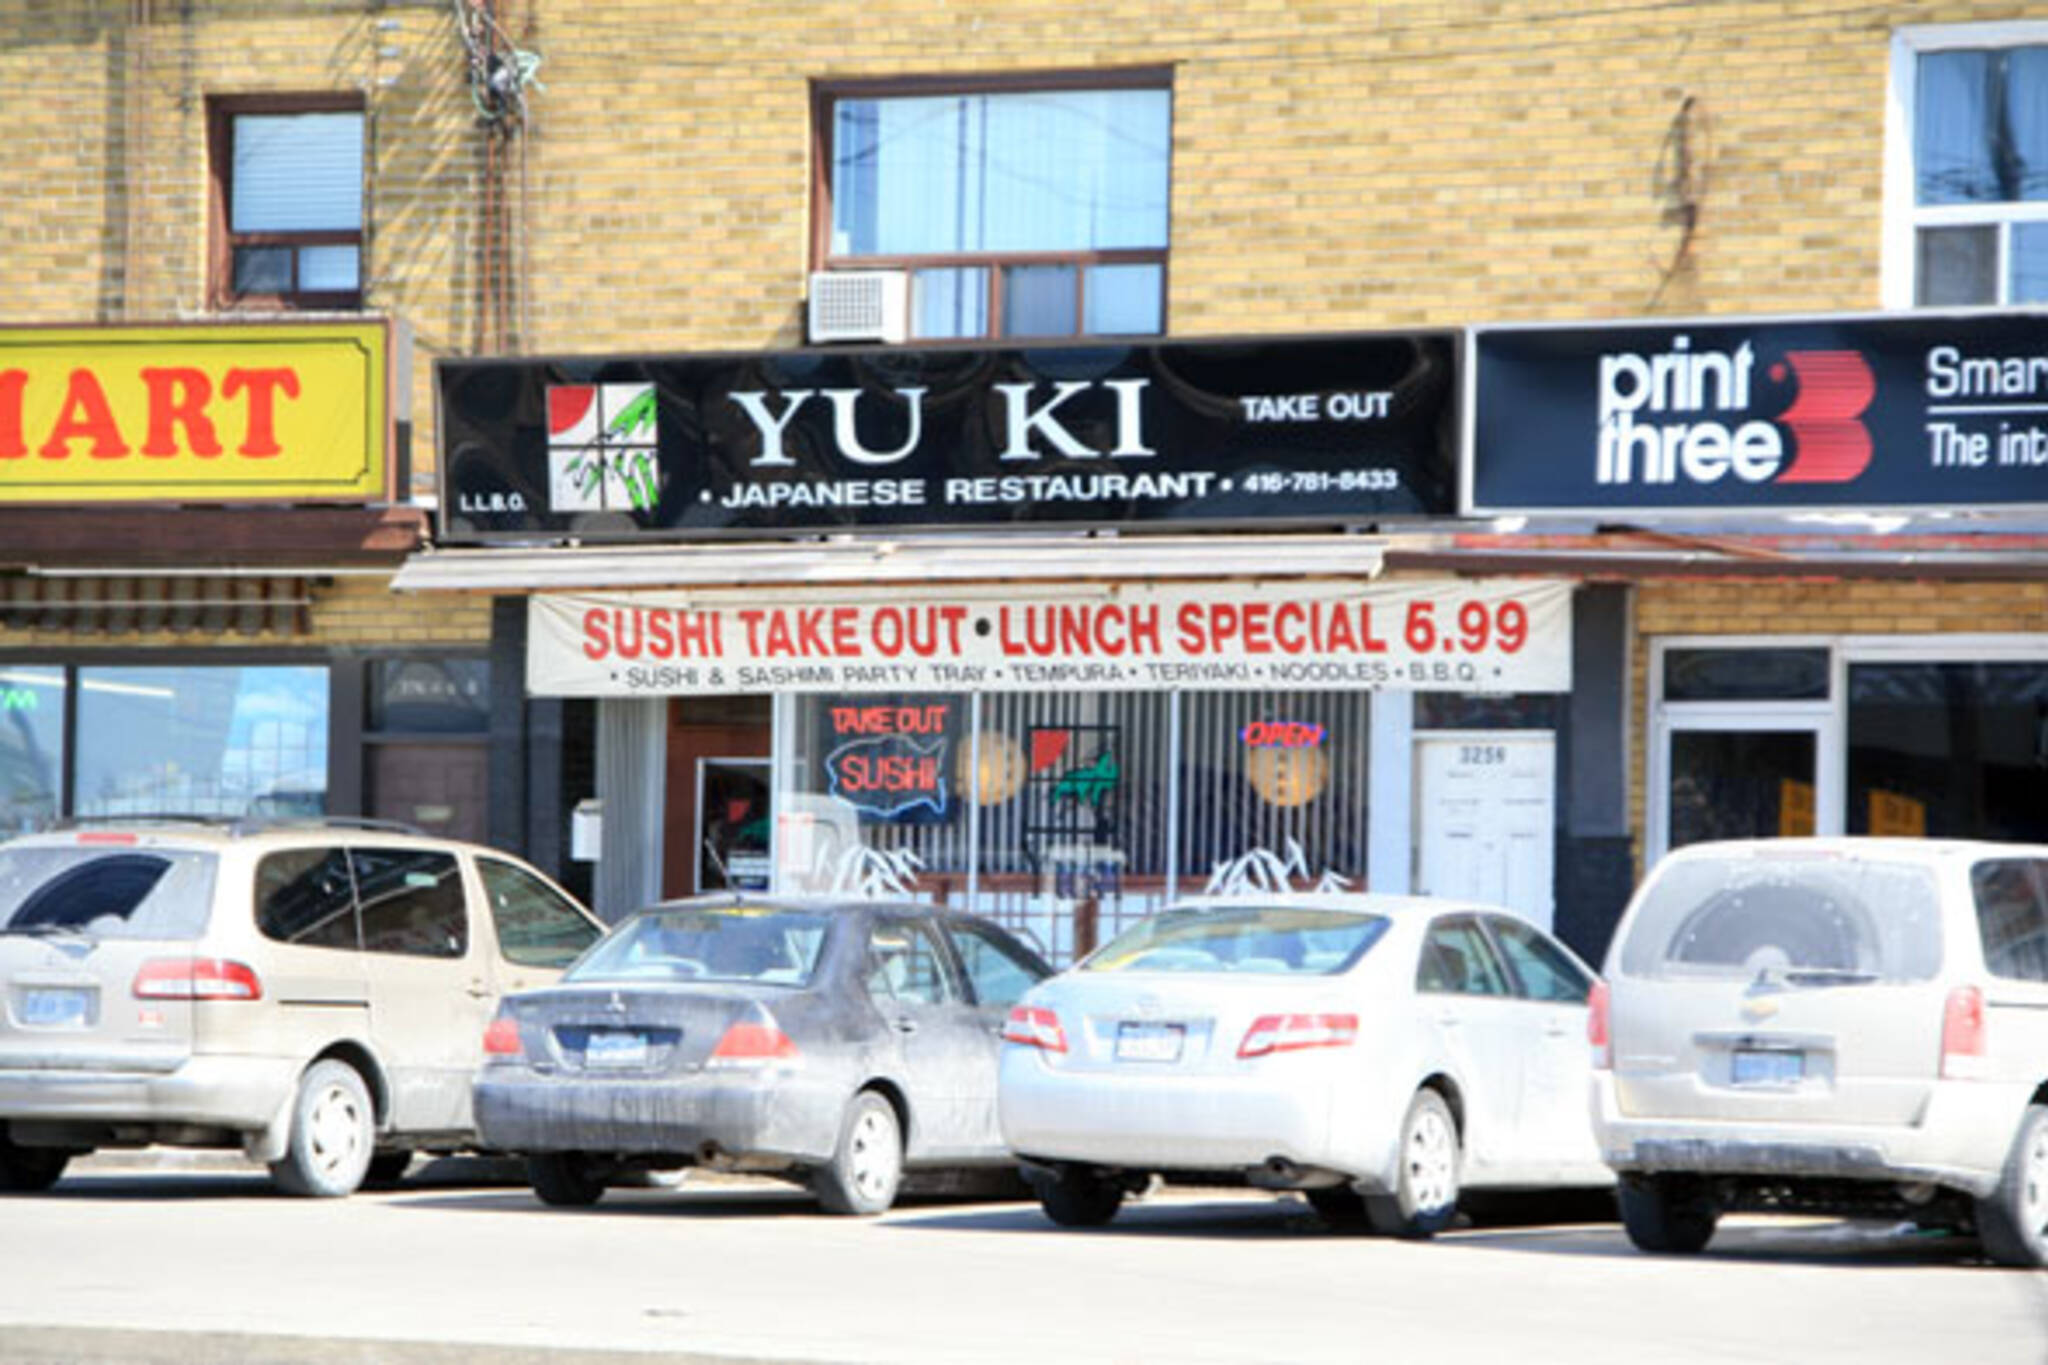 Yu Ki Japanese Restaurant